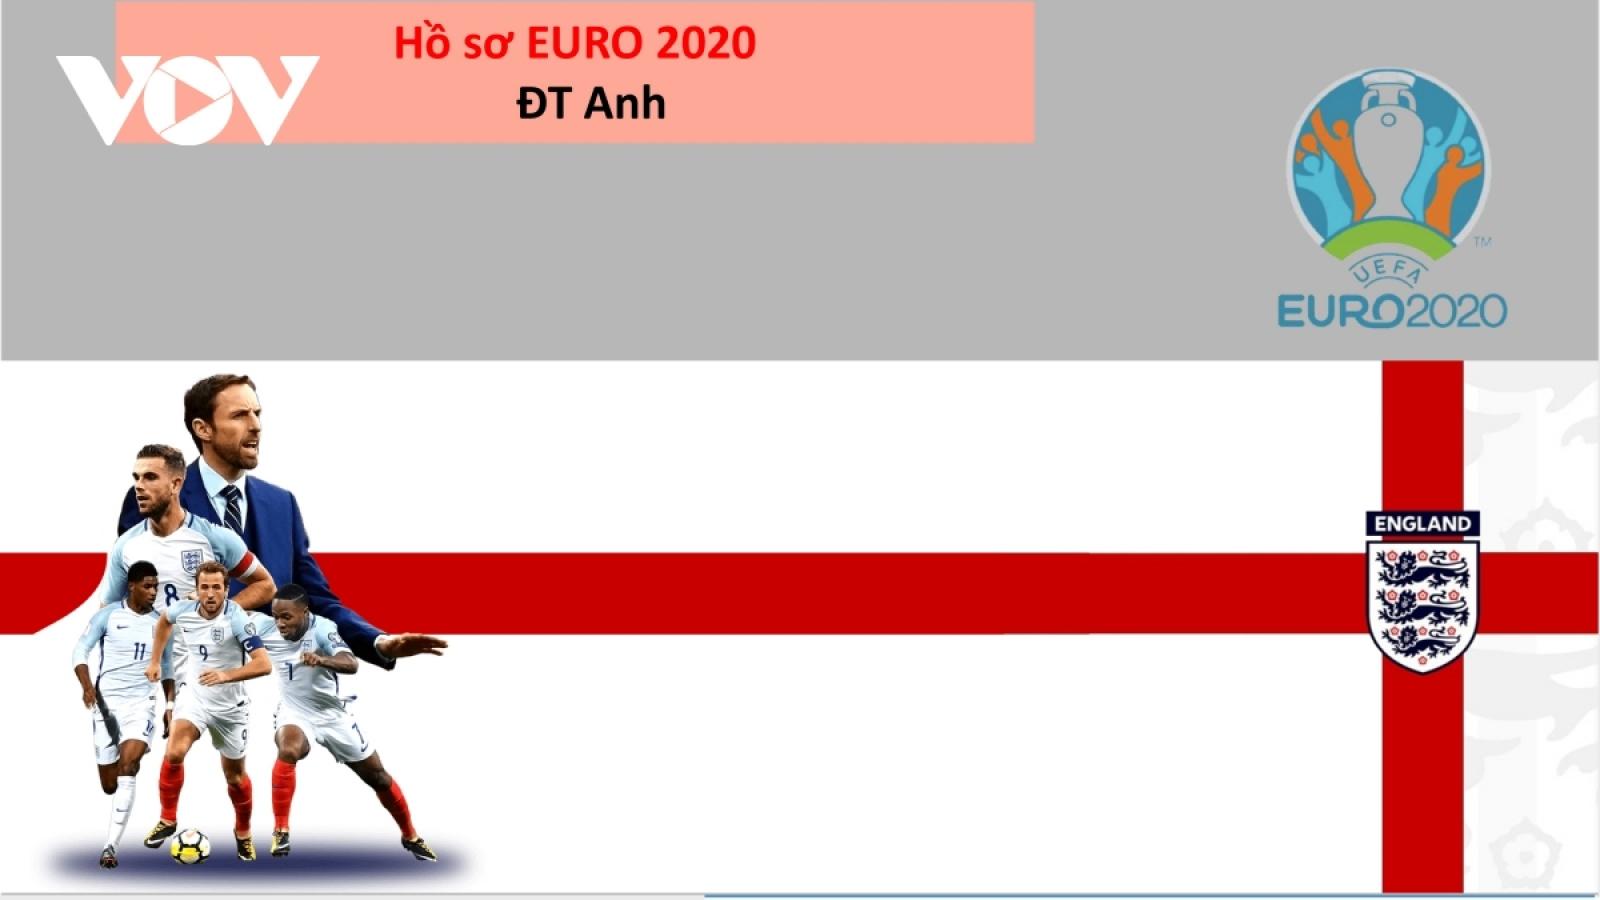 TRỰC TIẾP ĐT Anh vs Croatia: Tam Sư xóa dớp ở EURO?